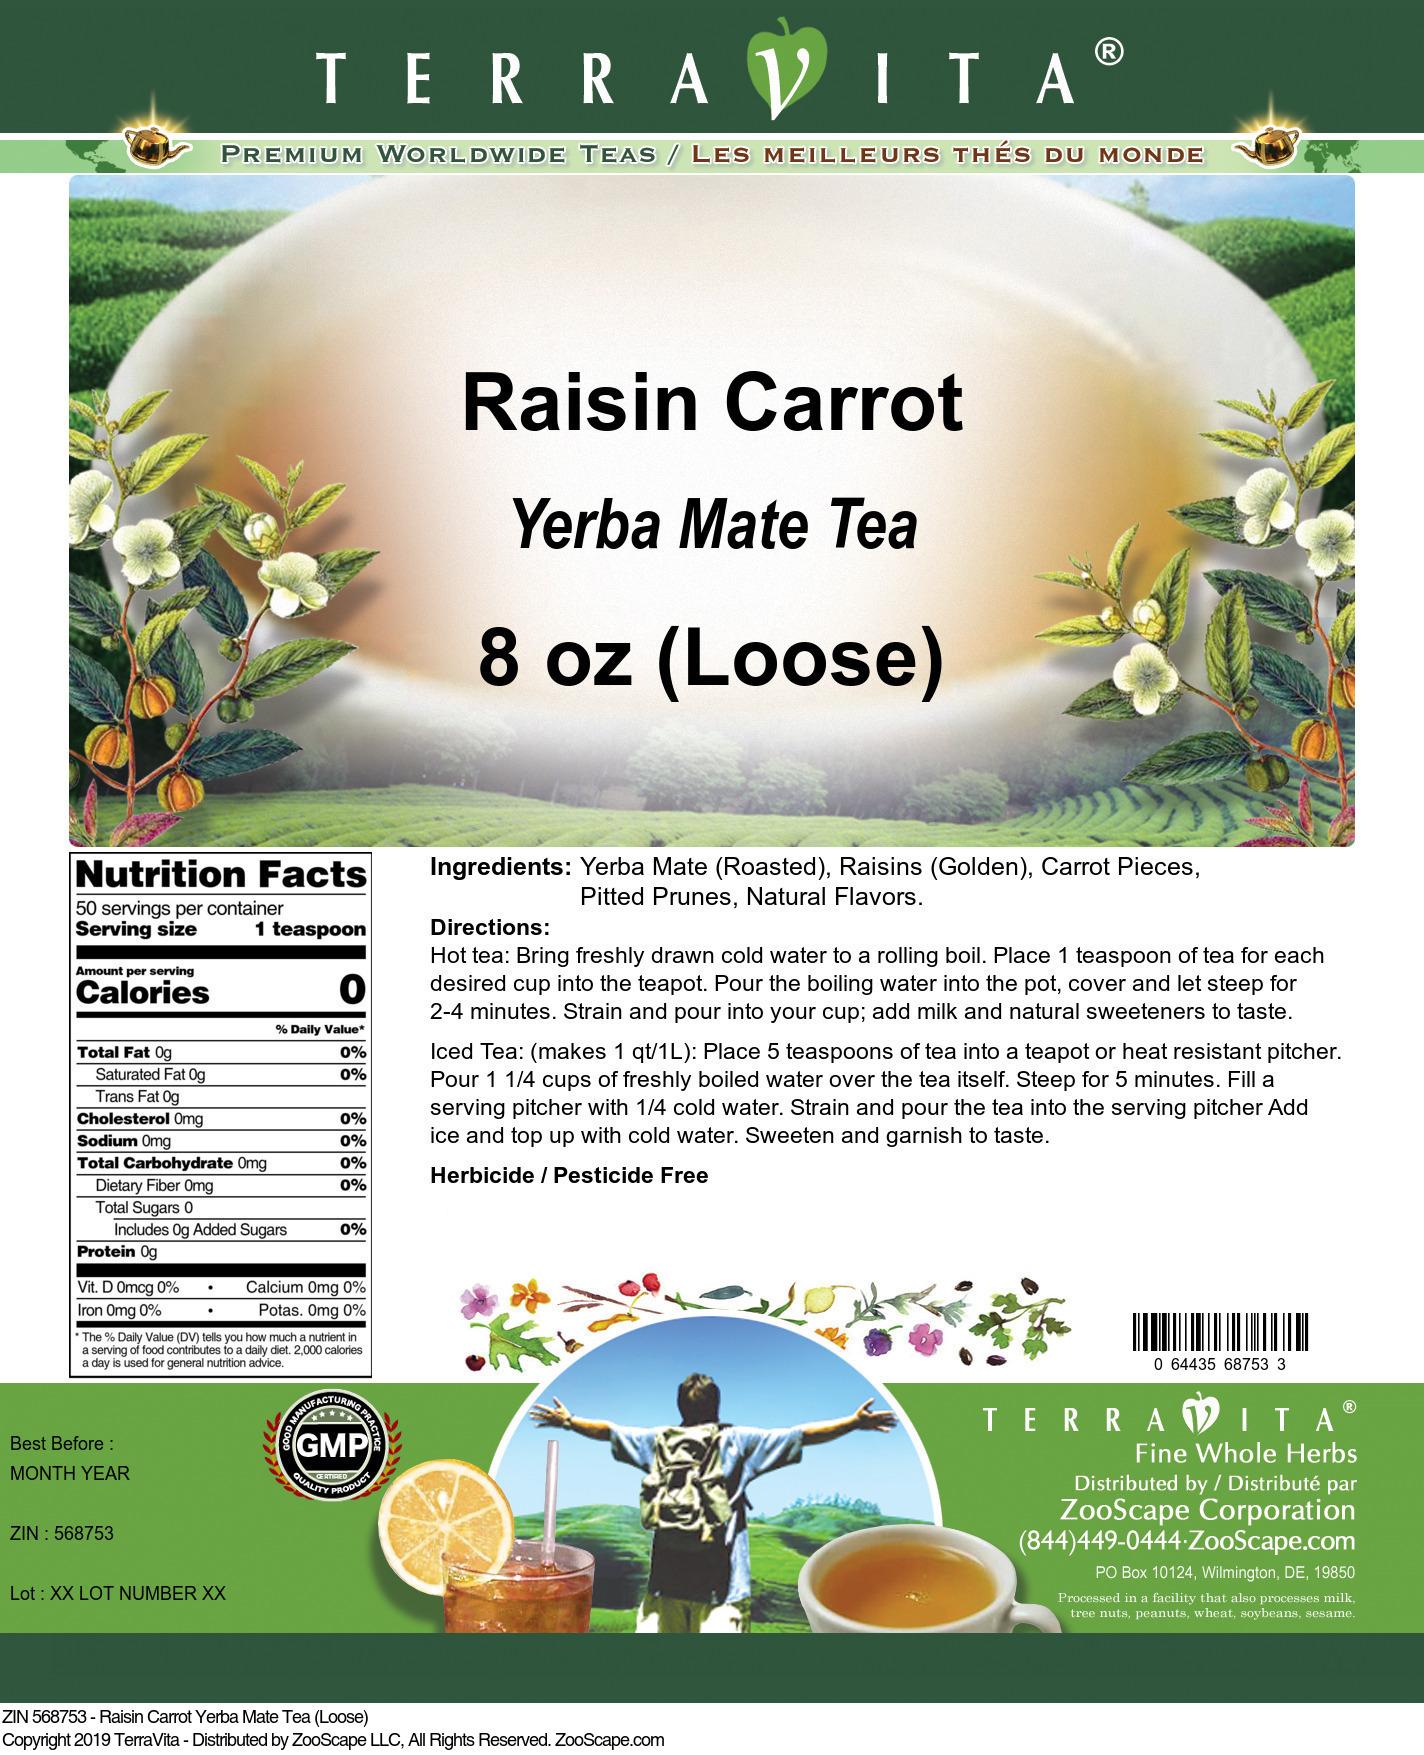 Raisin Carrot Yerba Mate Tea (Loose)